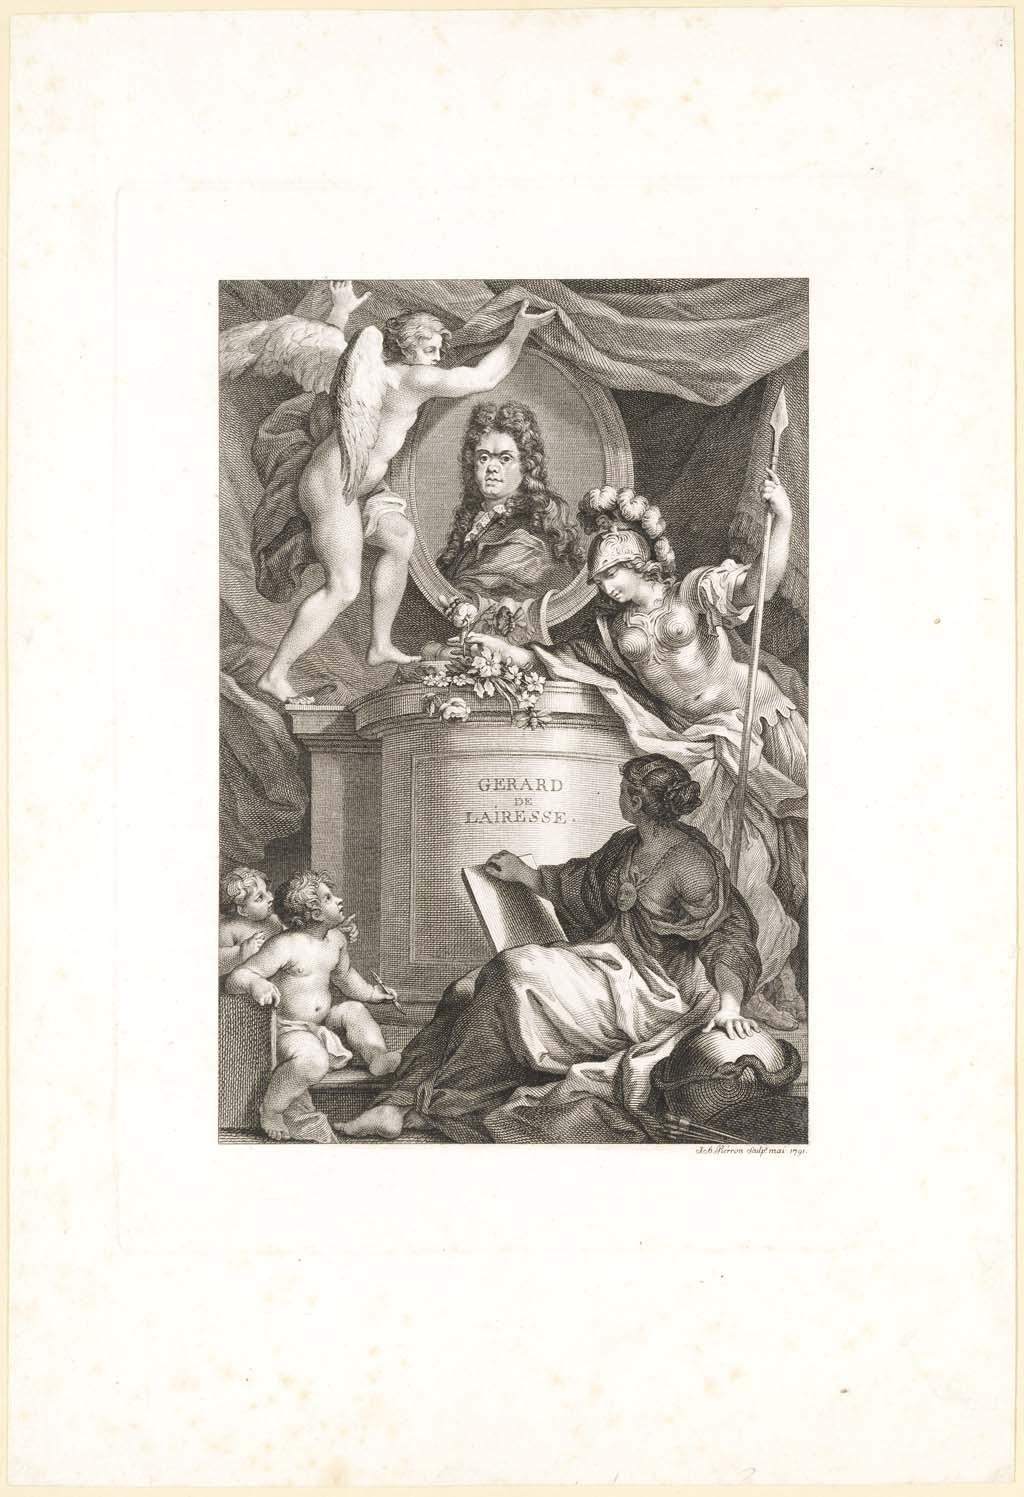 Ter ere van De Lairesse (Titre à la gloire de G. de Lairesse)